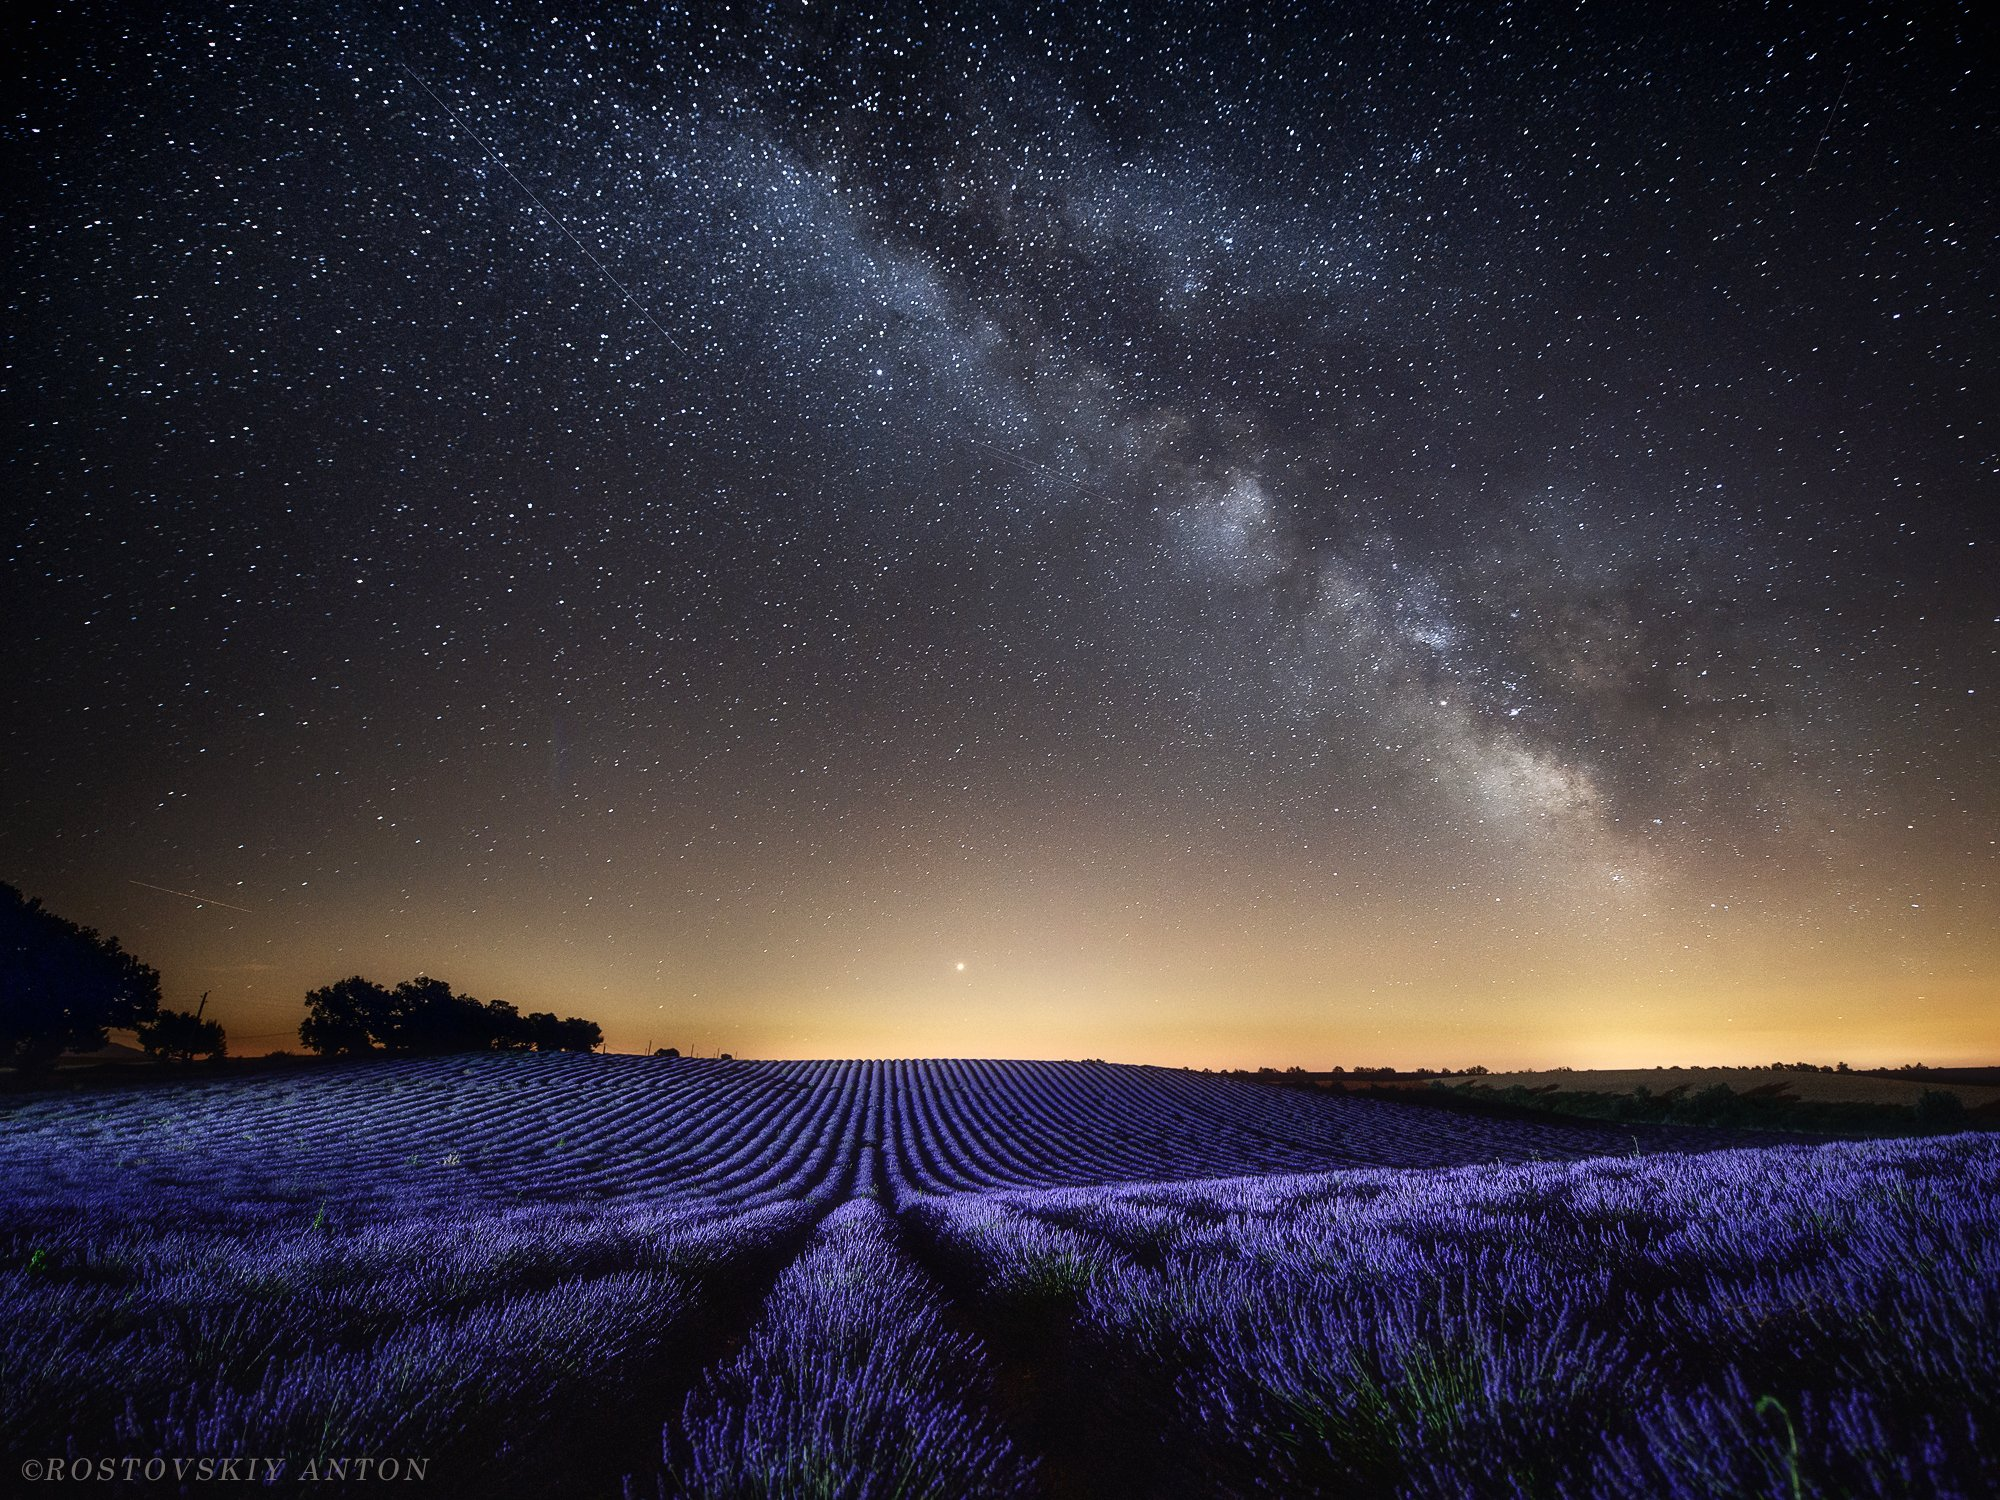 Ночь, Млечный путь, звёзды, поле, Прованс, лаванда, фототур, фотопутешествие,, Ростовский Антон